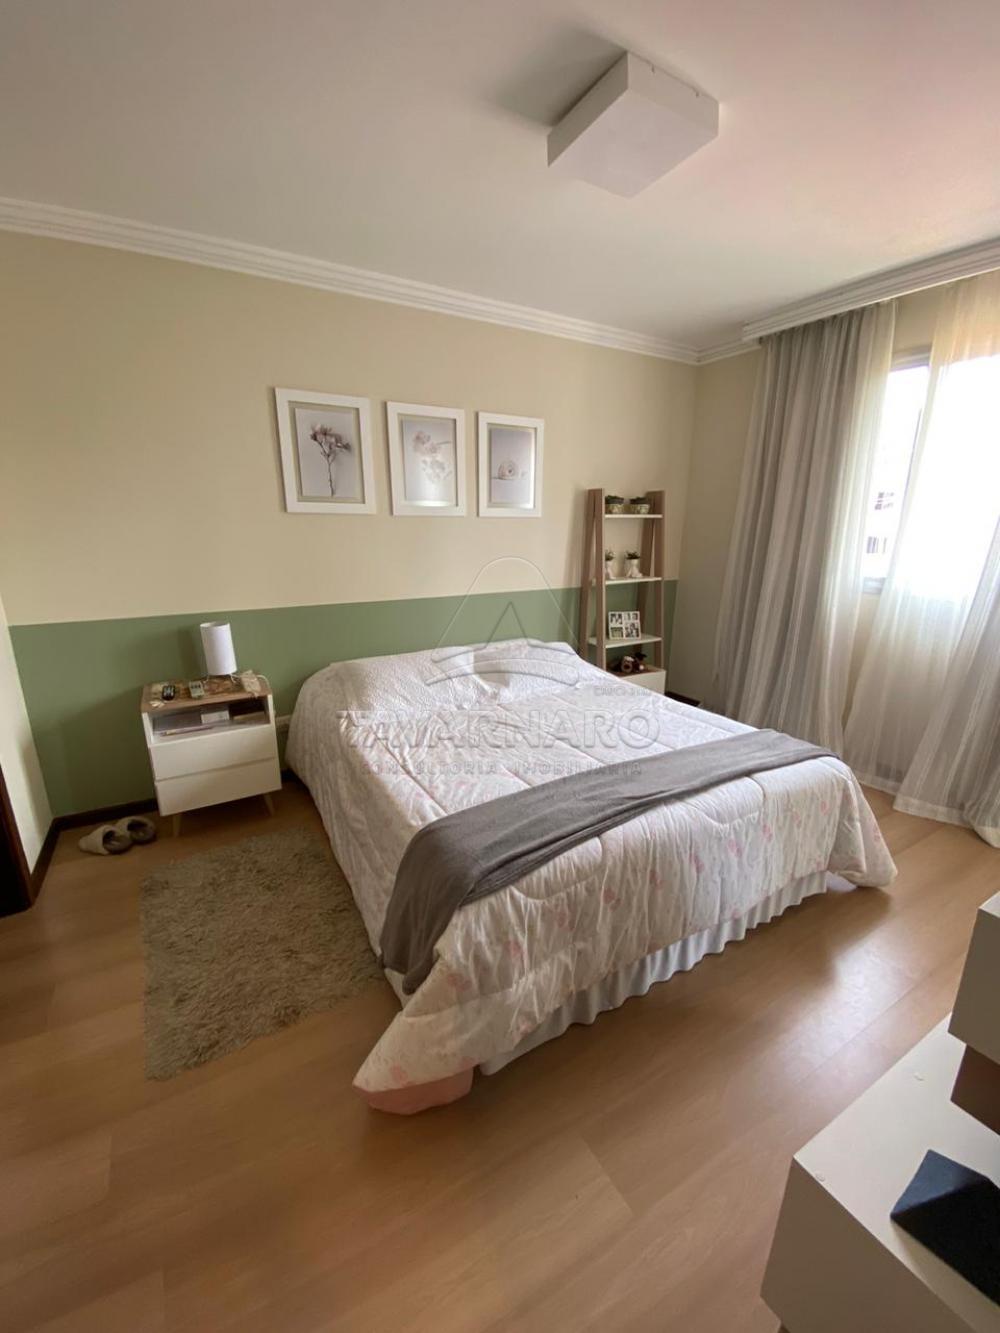 Comprar Apartamento / Padrão em Ponta Grossa R$ 450.000,00 - Foto 14